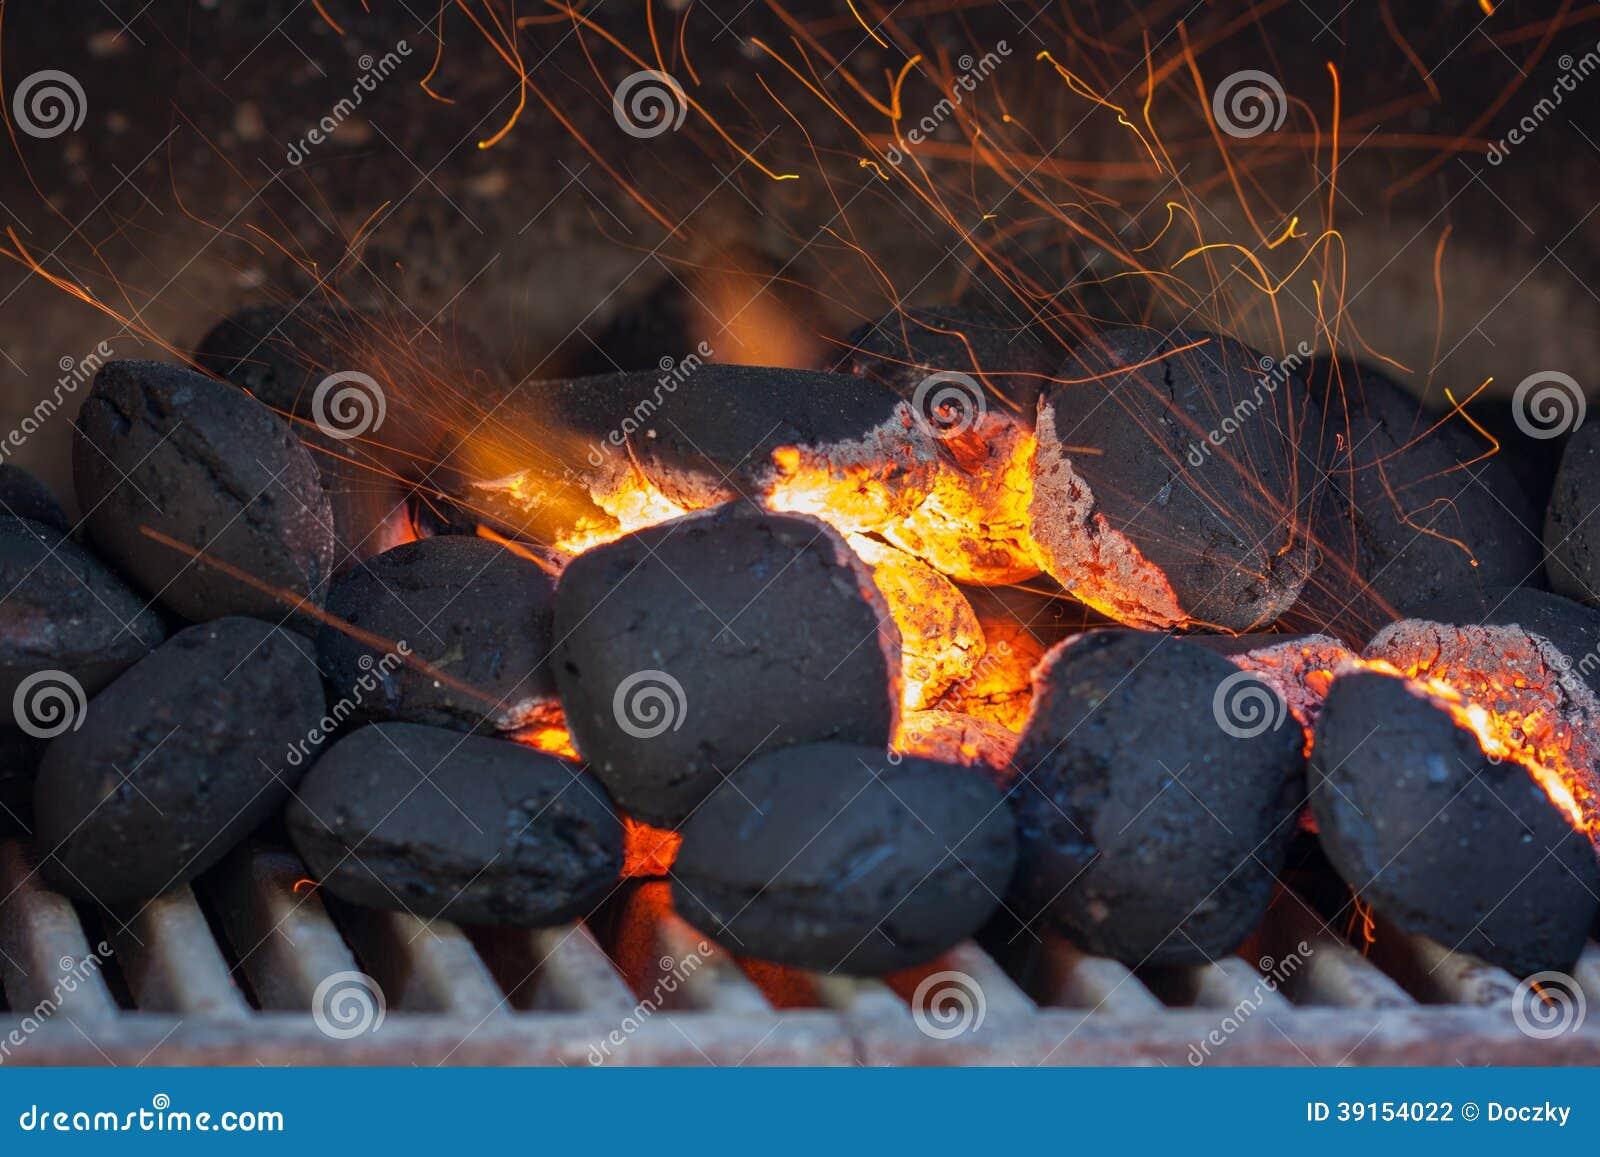 Węgiel drzewny brykietuje z pożarniczymi iskrami.